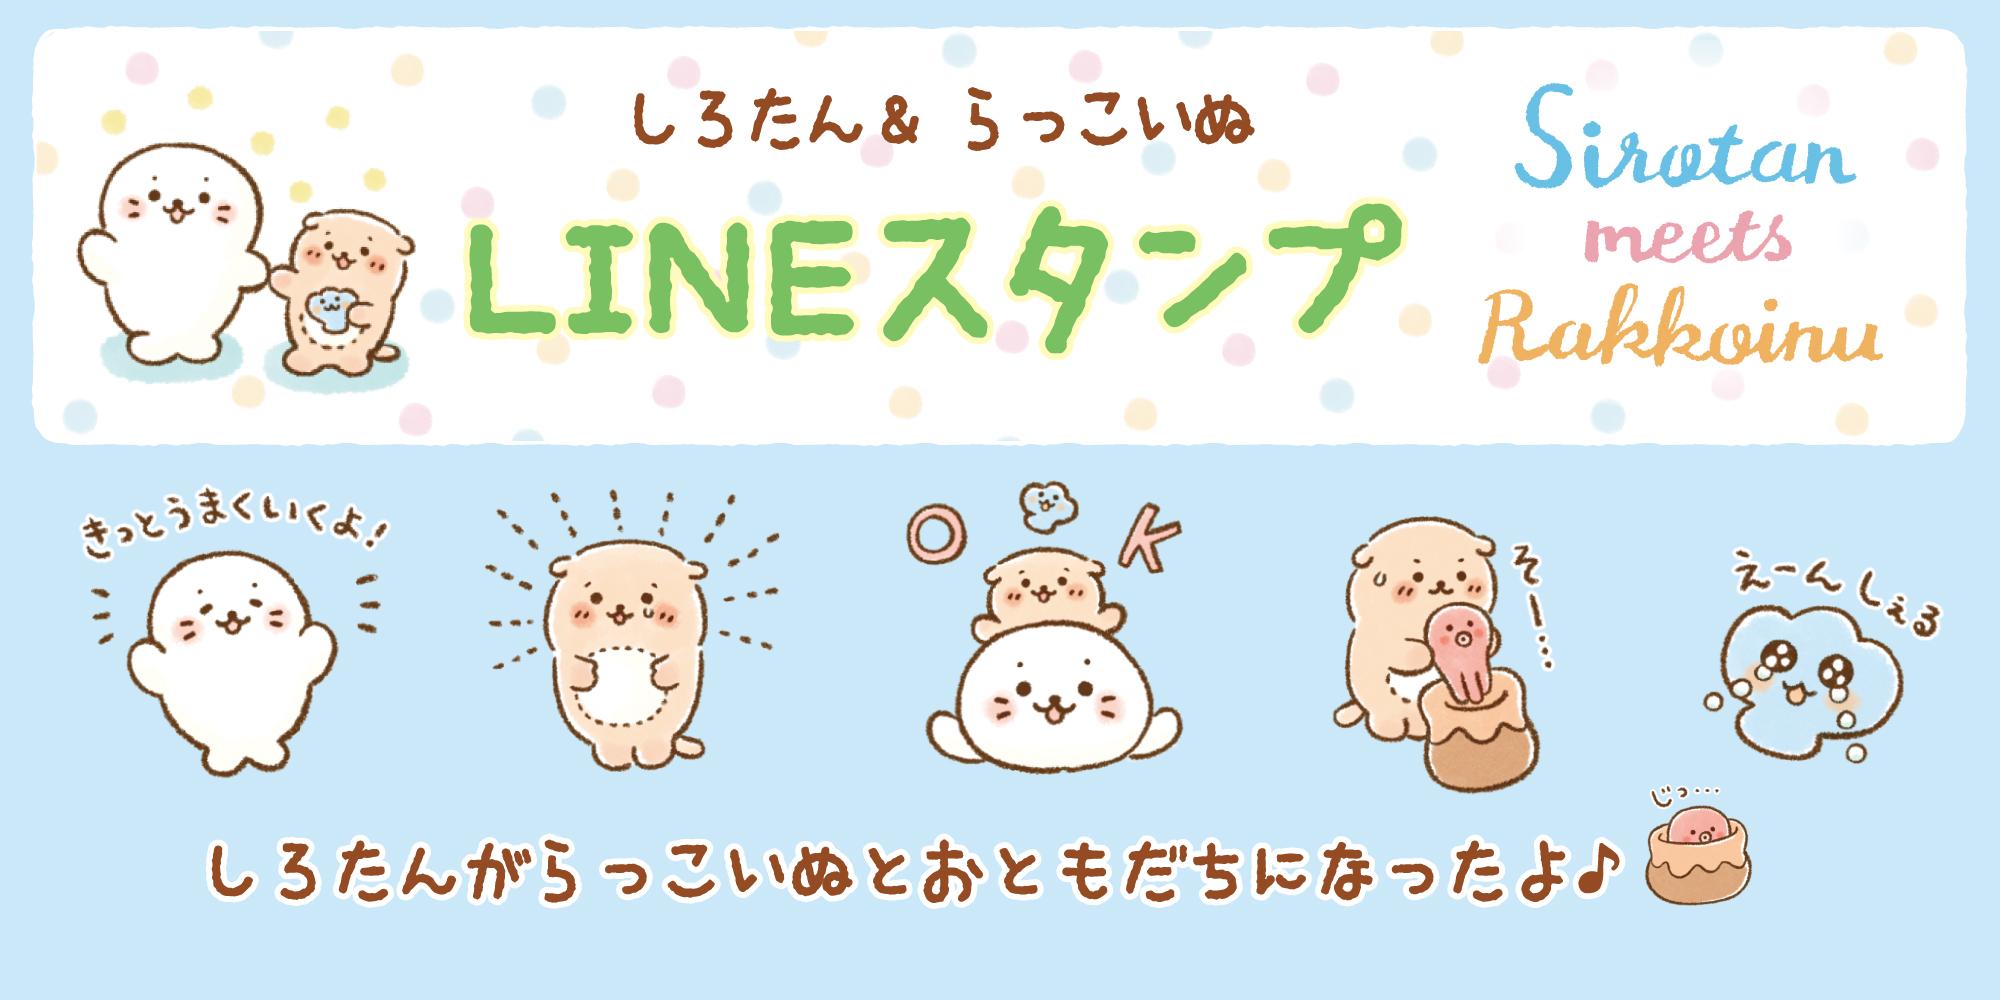 LINE「しろたん & らっこいぬスタンプ」配信中!!